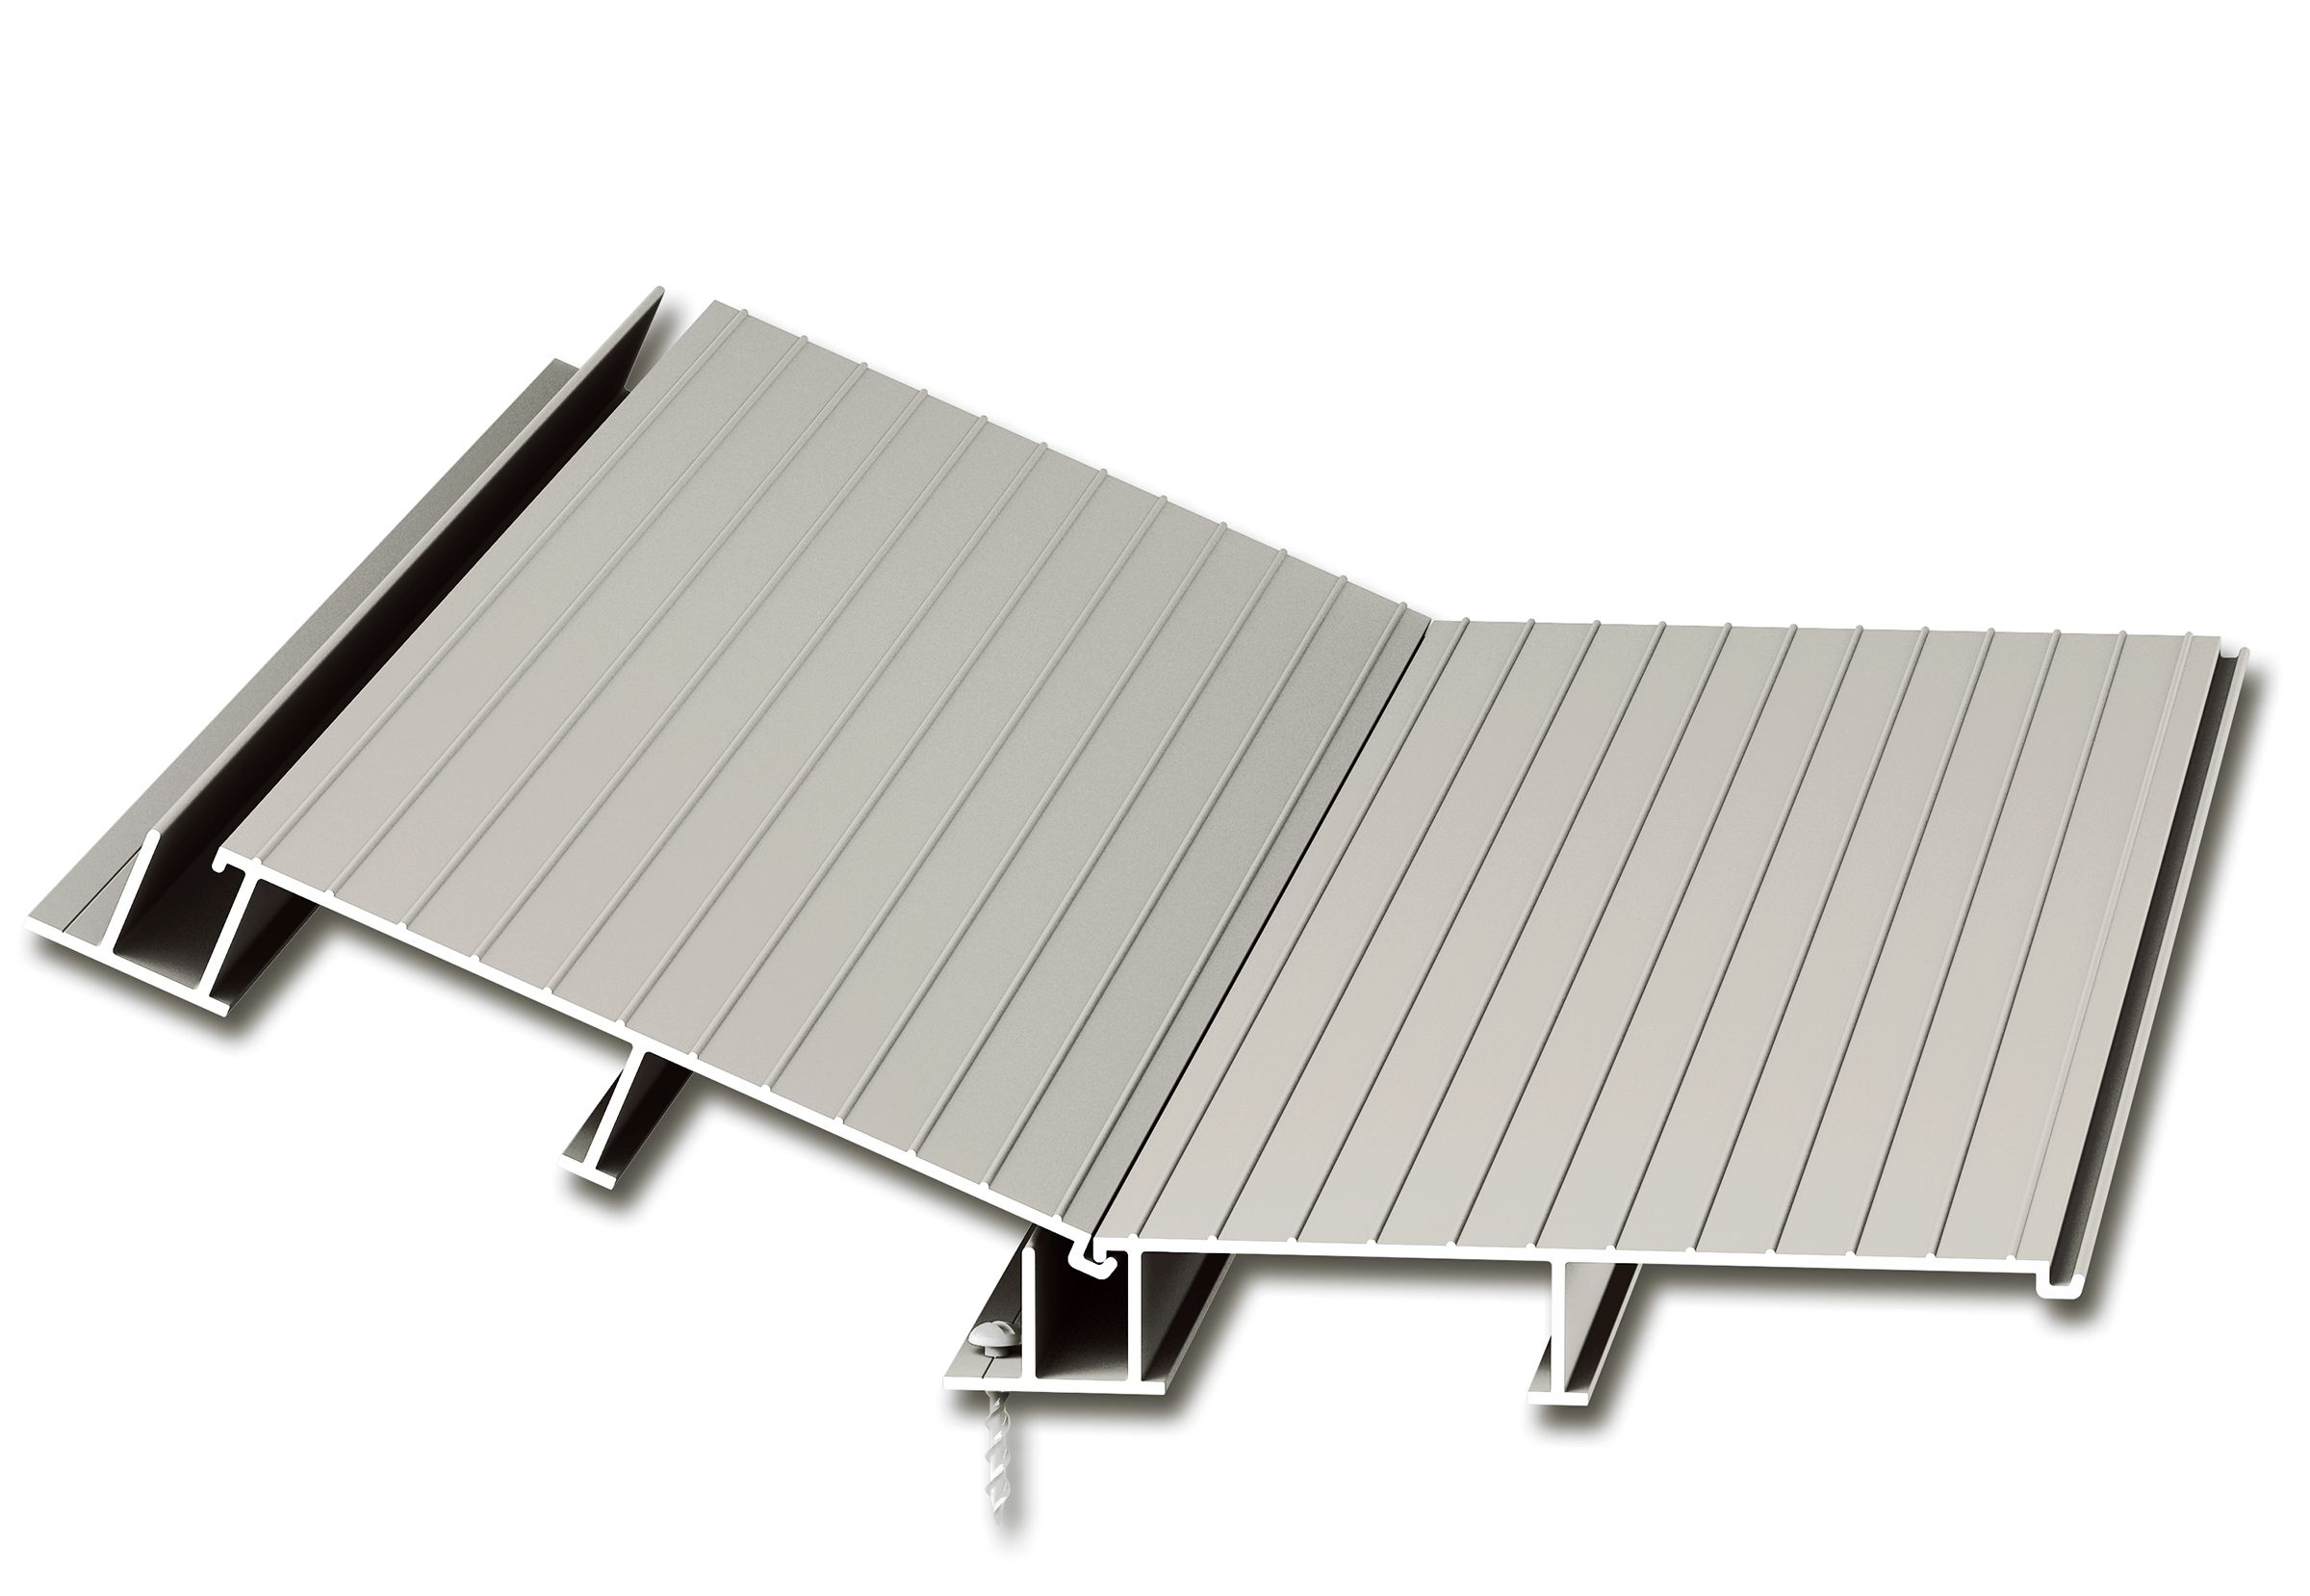 Aluminum Watertight Decking Aluminum Decking Deck Flooring Deck